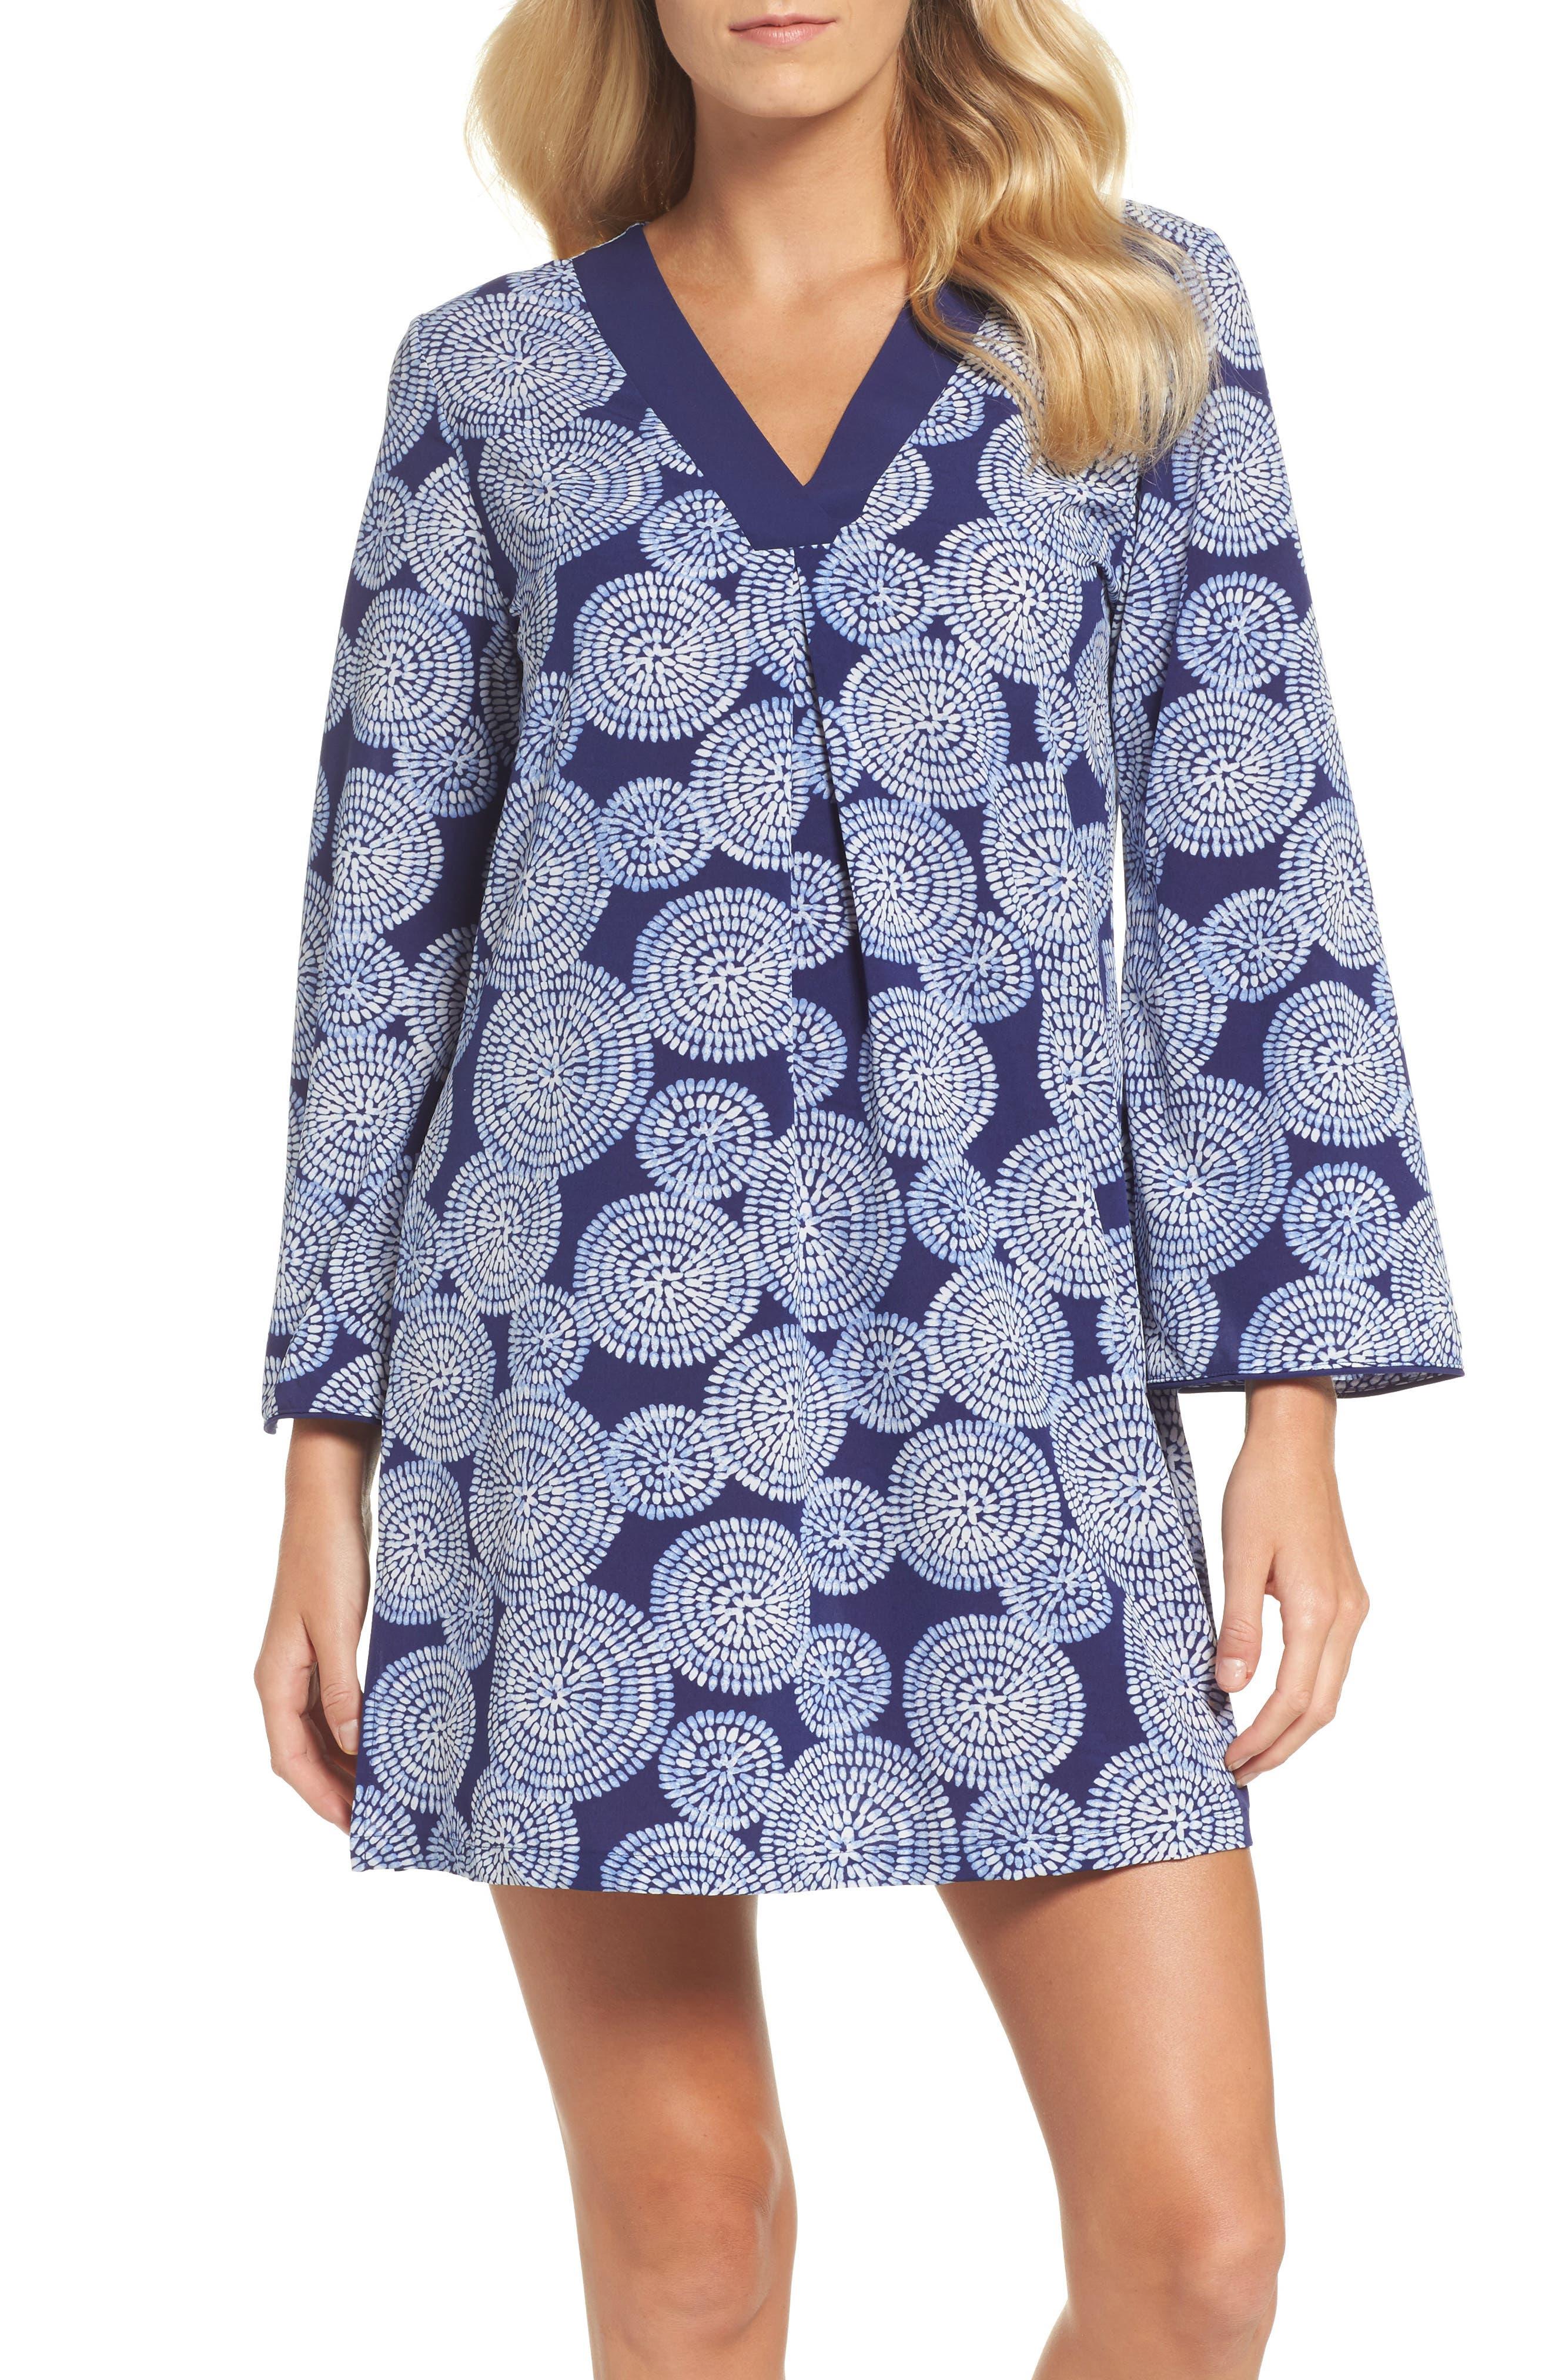 Sleepwear Halftan Short Nightgown,                         Main,                         color, 498